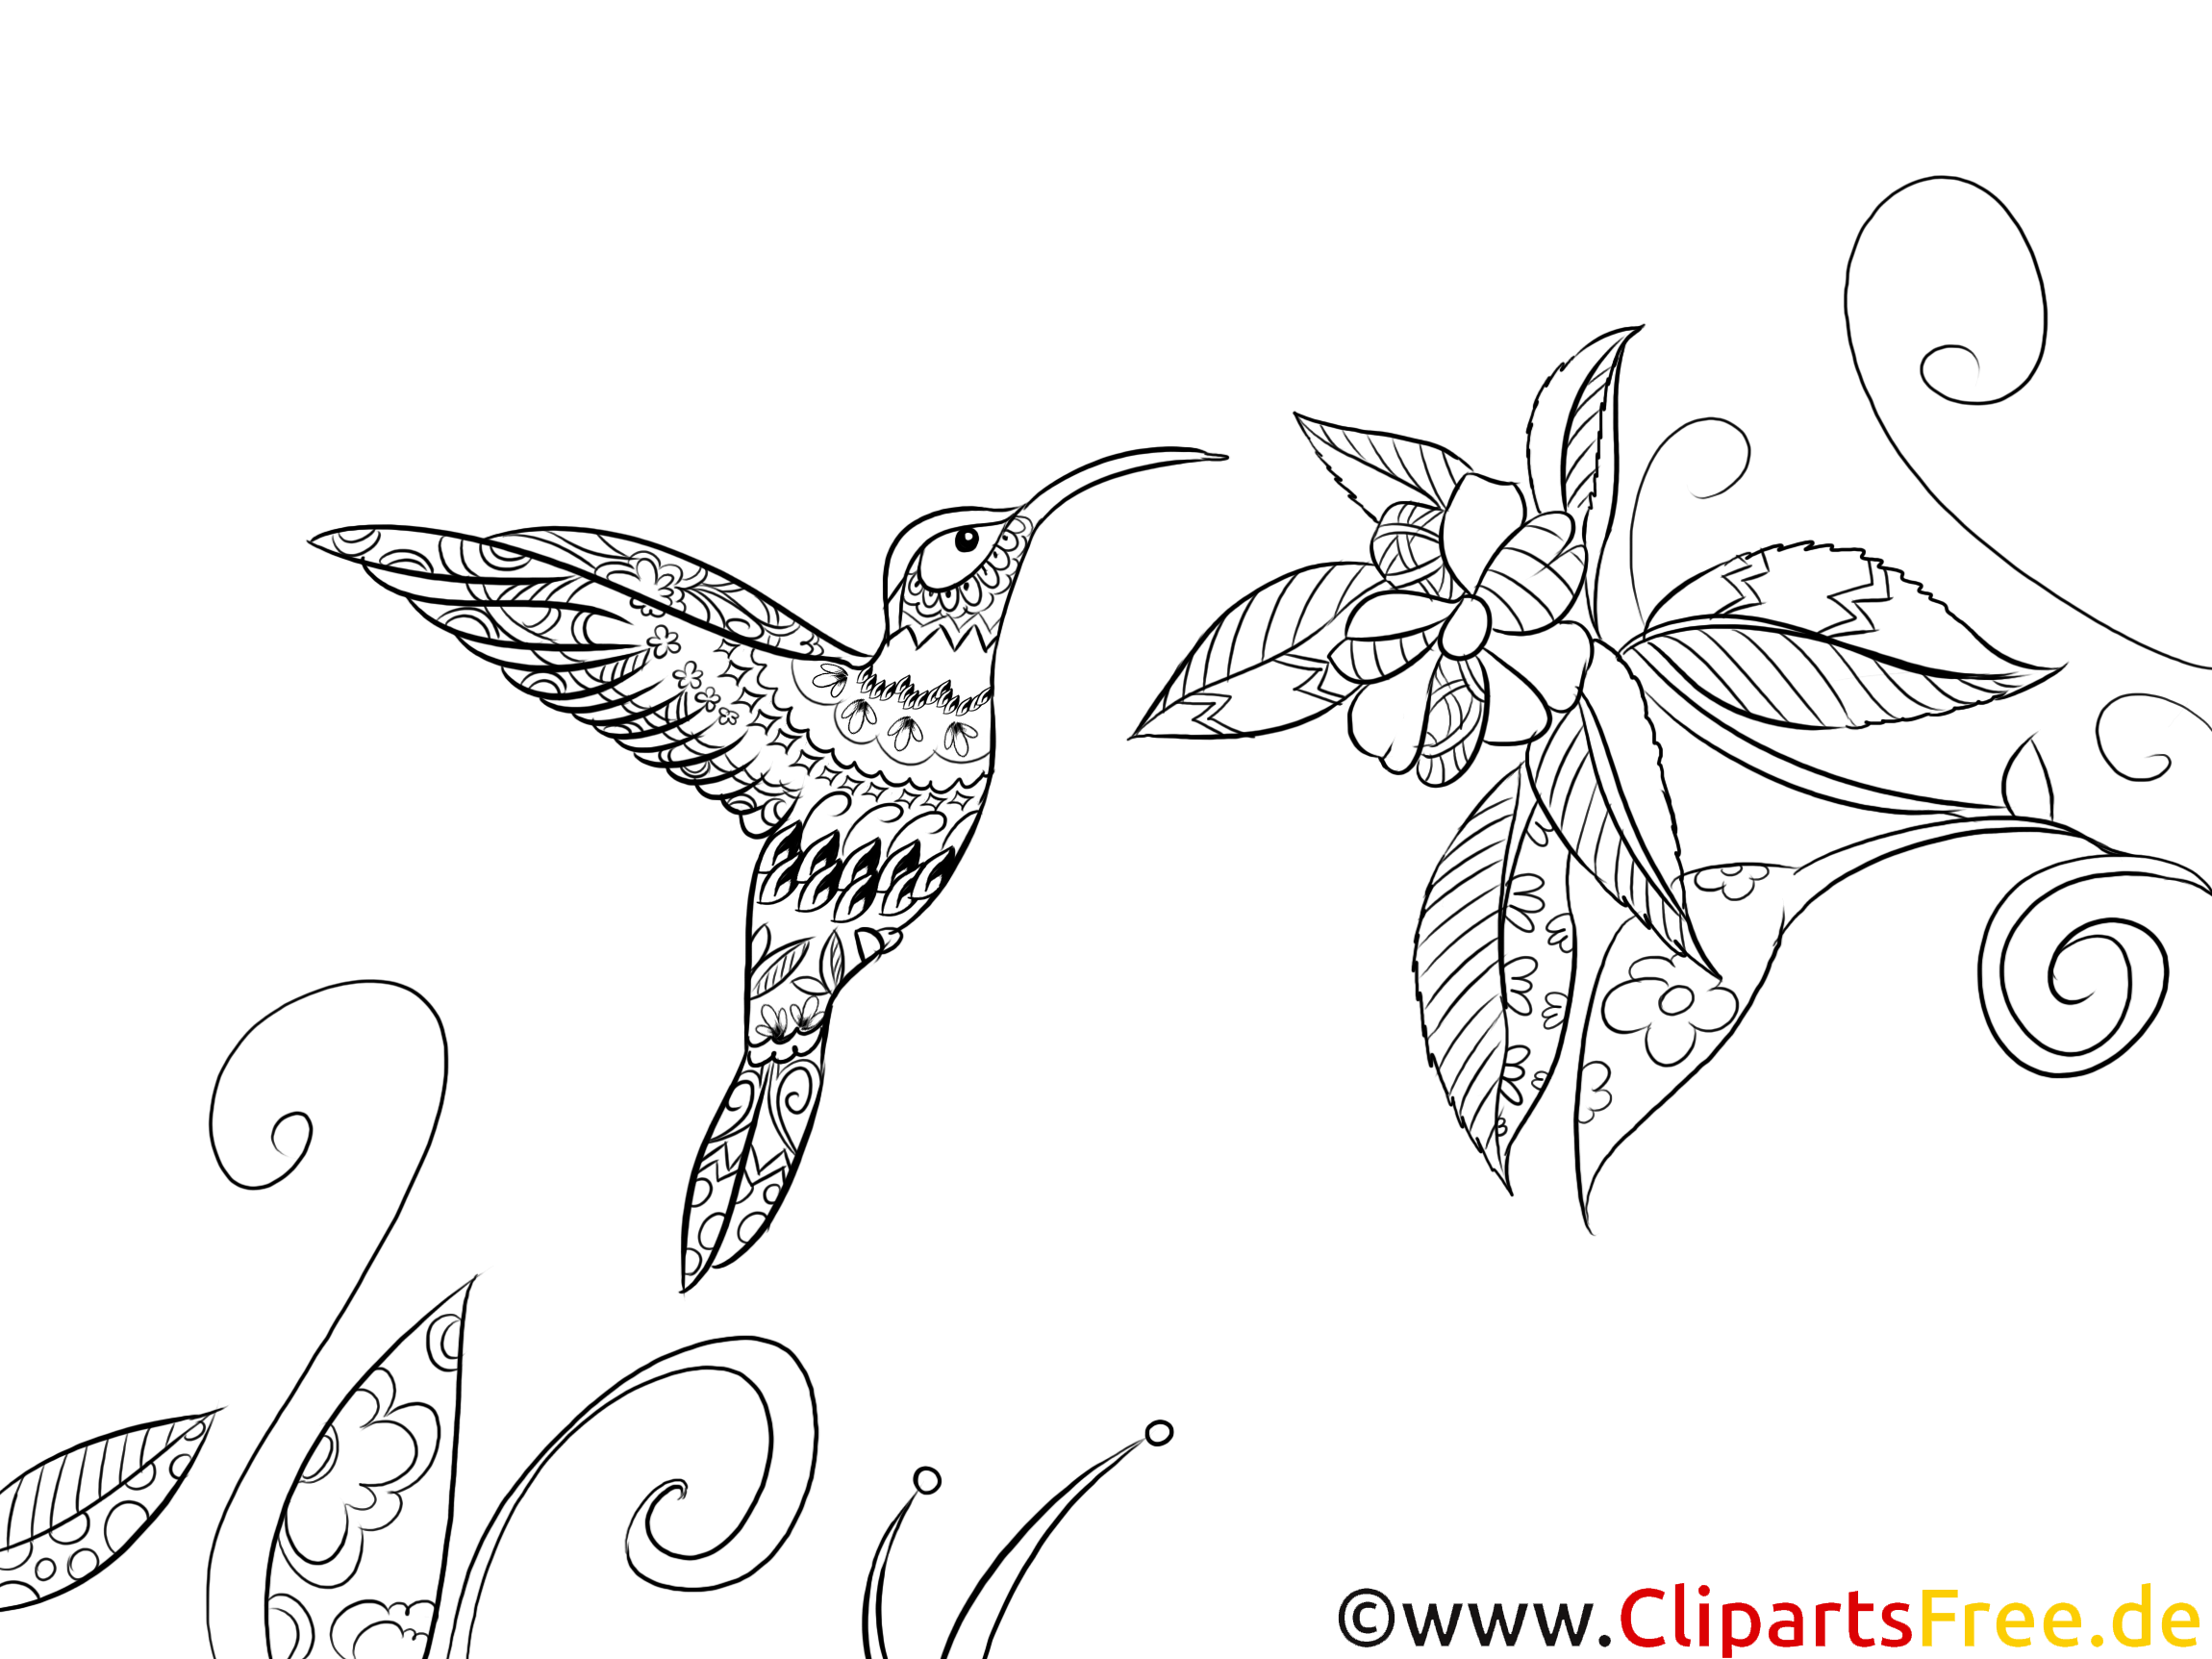 Ausmalbild für Erwachsene Vogel, Fauna